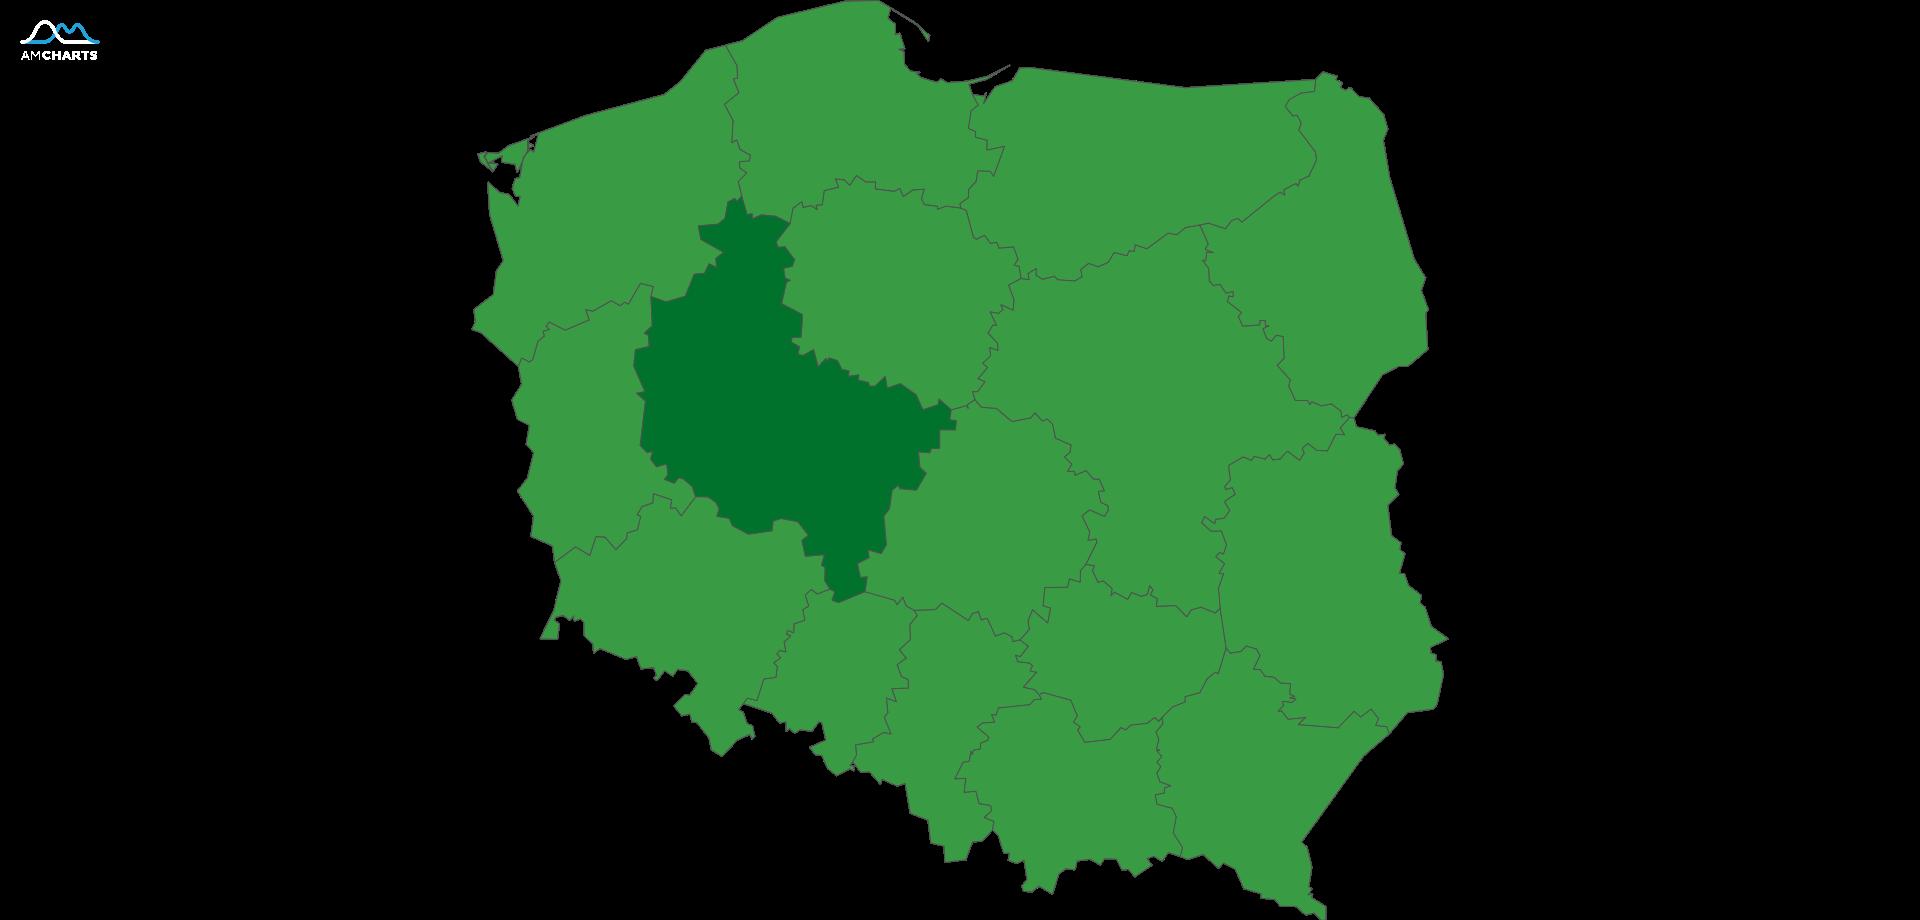 mapa wojewodztwo wielkopolskie